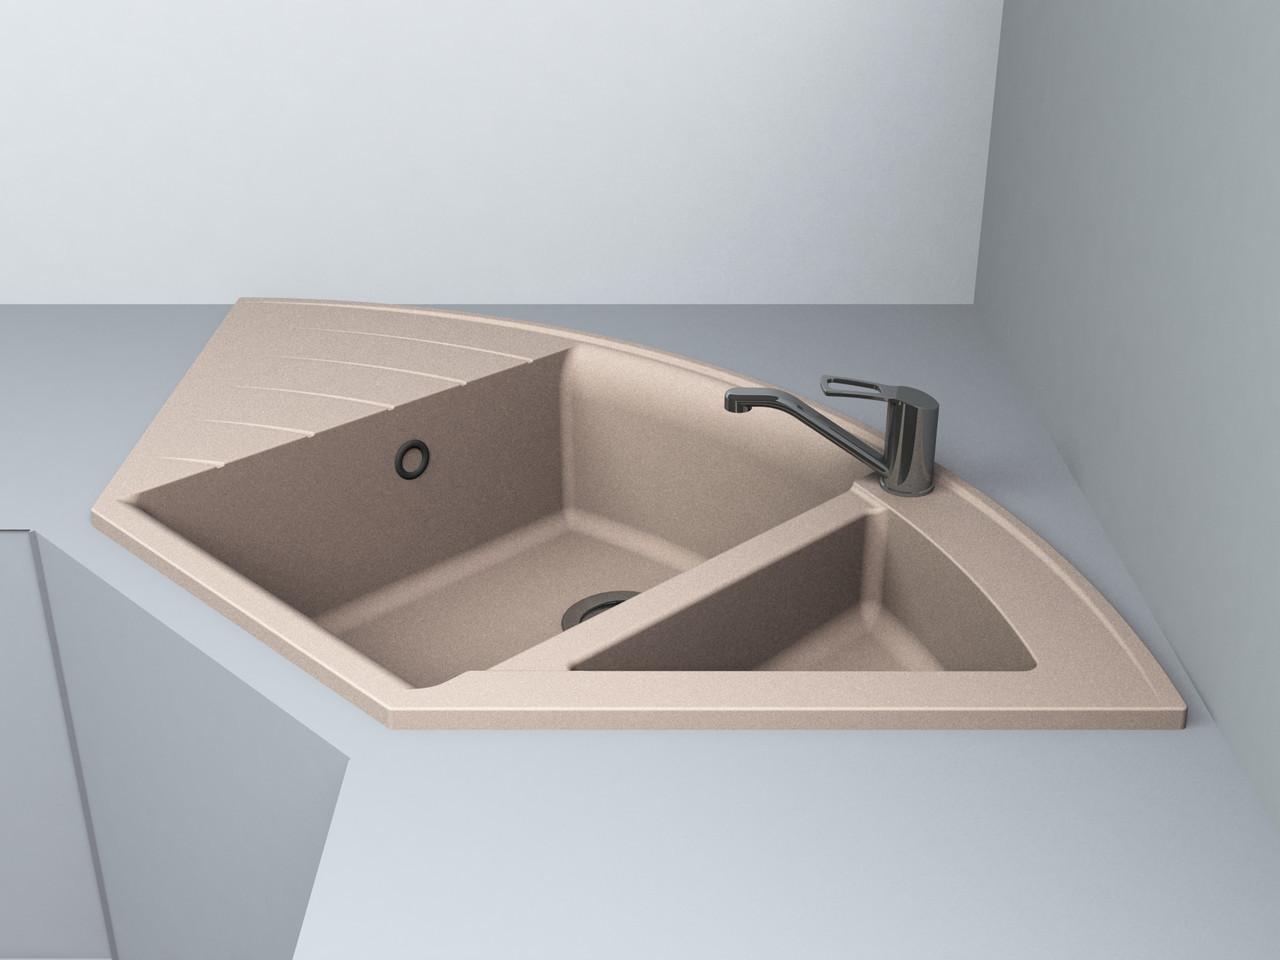 Кухонная мойка угловая искусственный камень ГРАНИТ Miraggio Europe беж